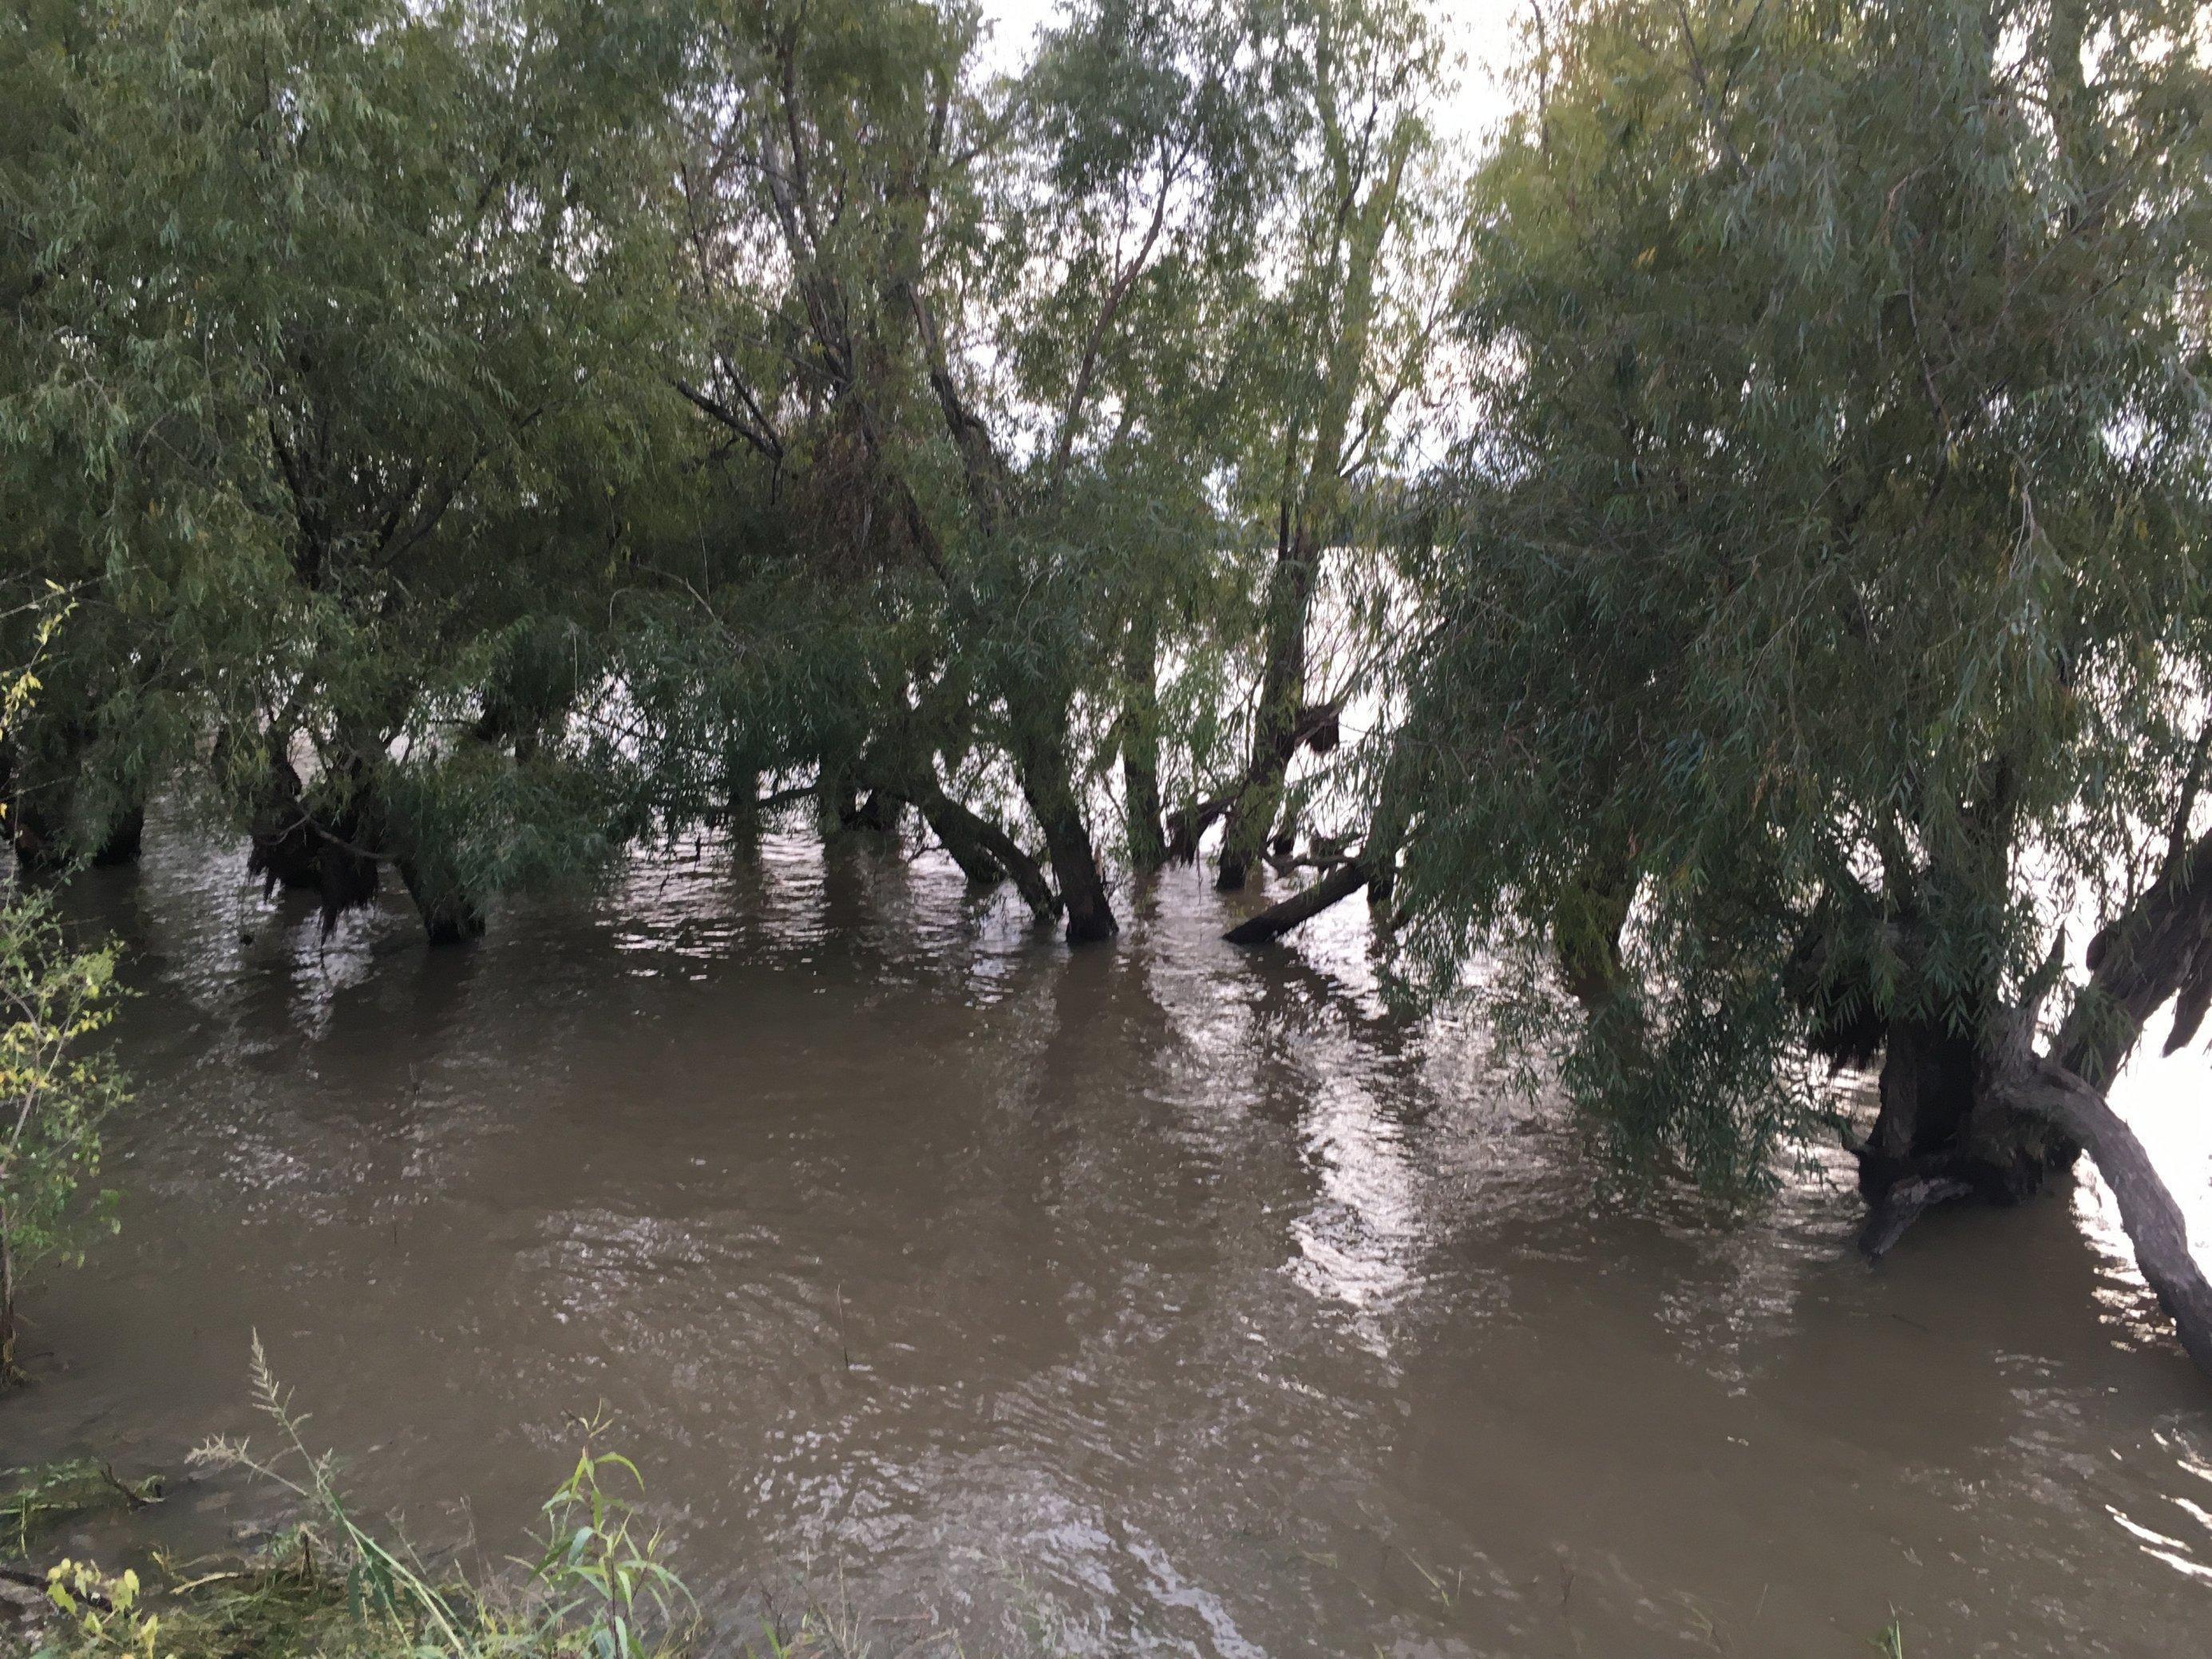 Zeugen des jüngsten Hochwassers: junge Wurzeln an den Stämmen der Uferweiden